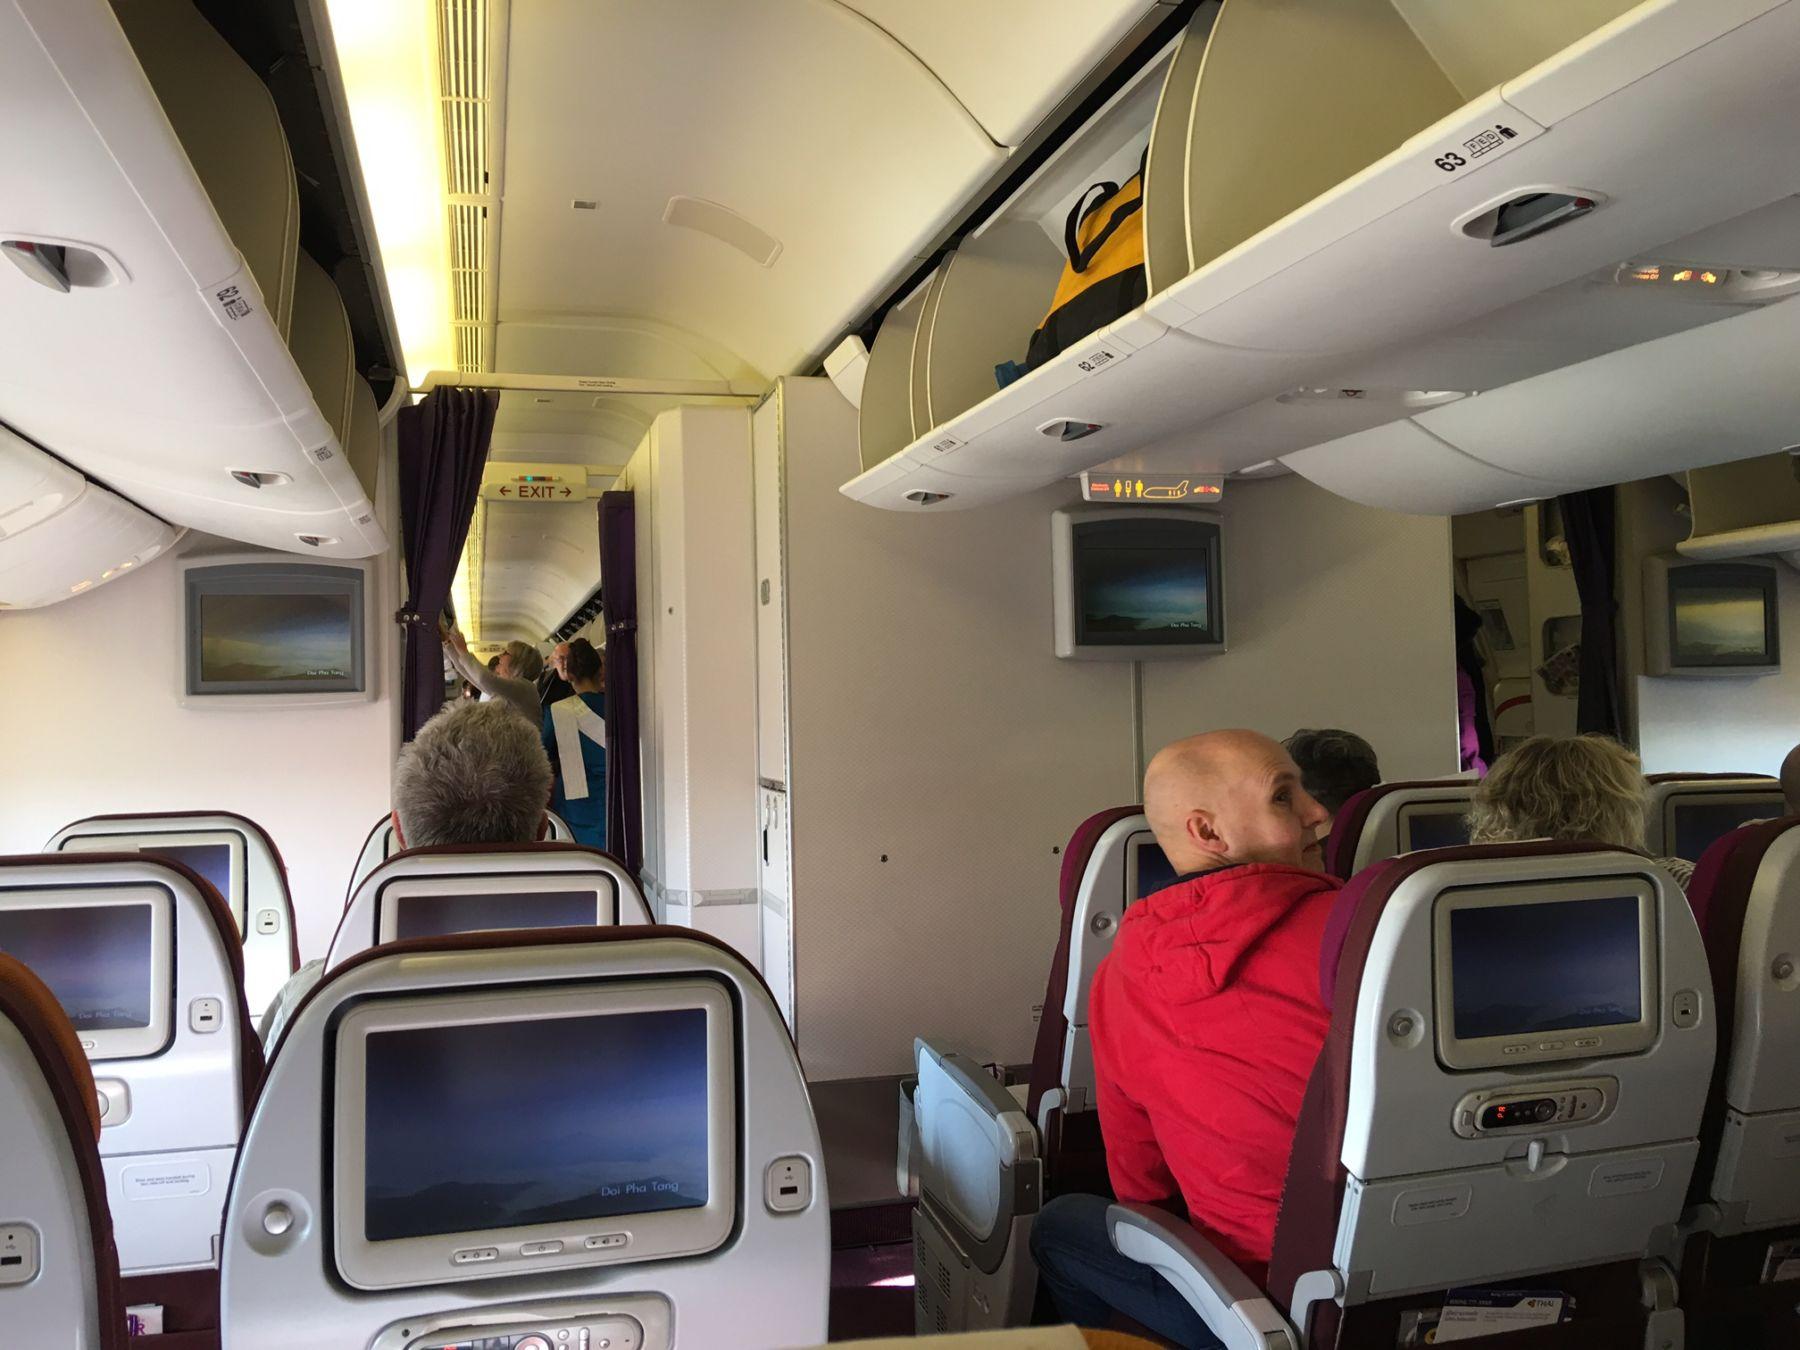 Boeing 777-300ER er et stort fly, men i bagerste kabine, hvor vi sad, virkede det alligevel roligt.